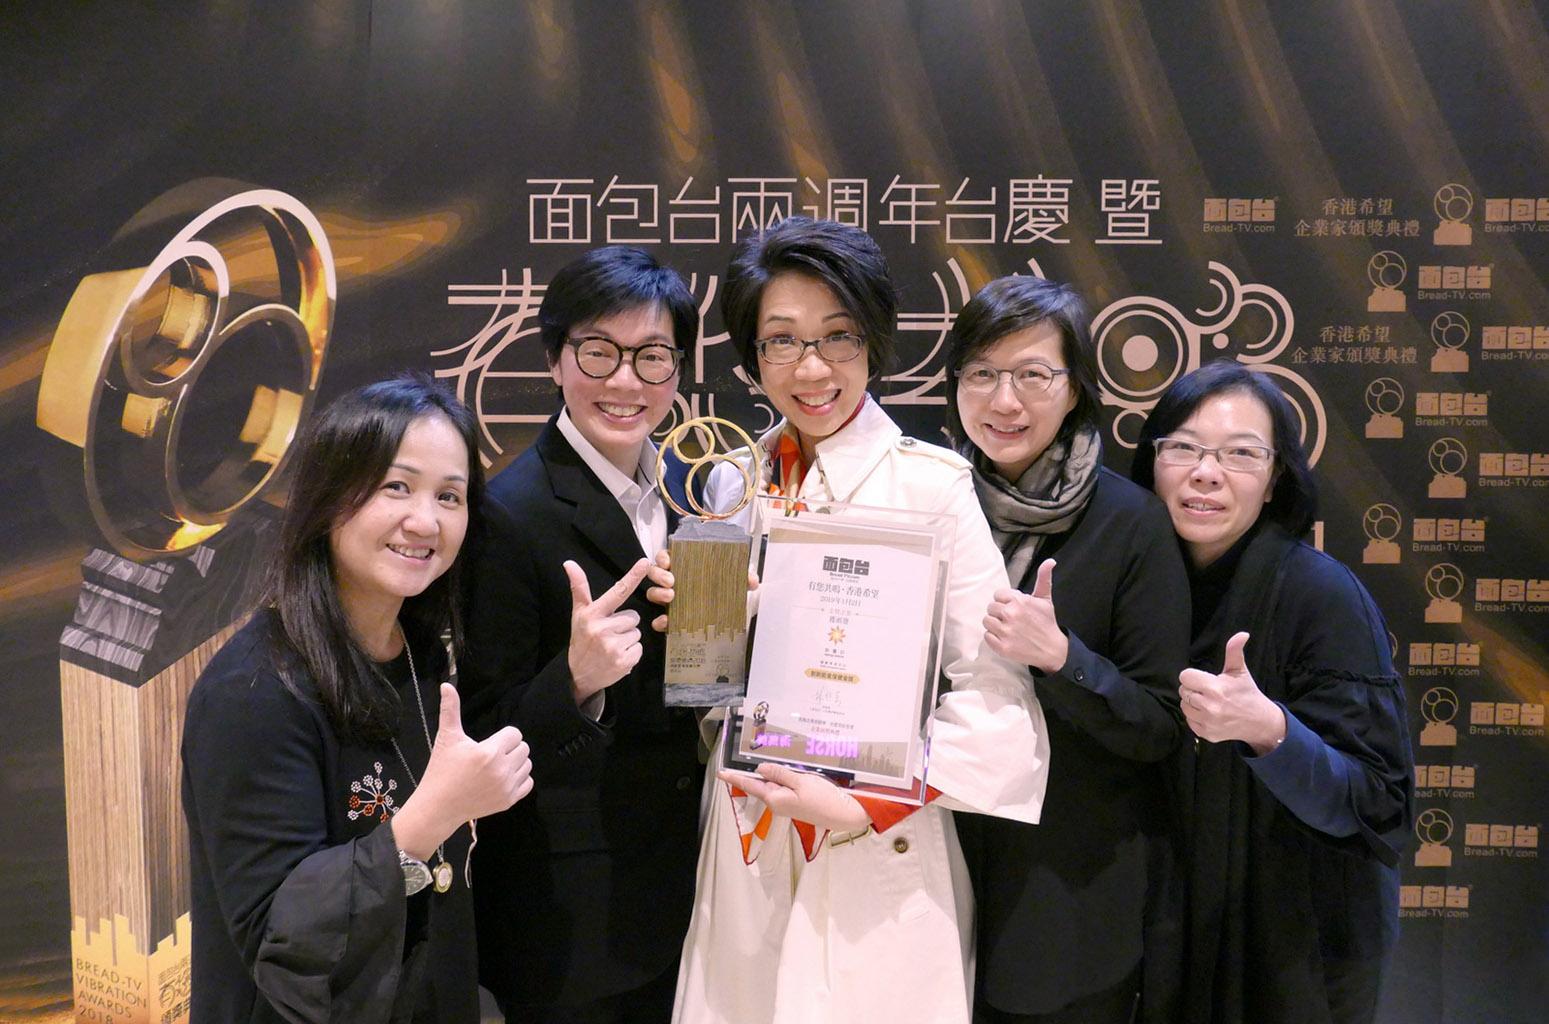 獲得面包台-「有您共鳴‧香港希望‧企業家獎」-「創新能量保健金奬」,是能量醫學再次得以被認定!